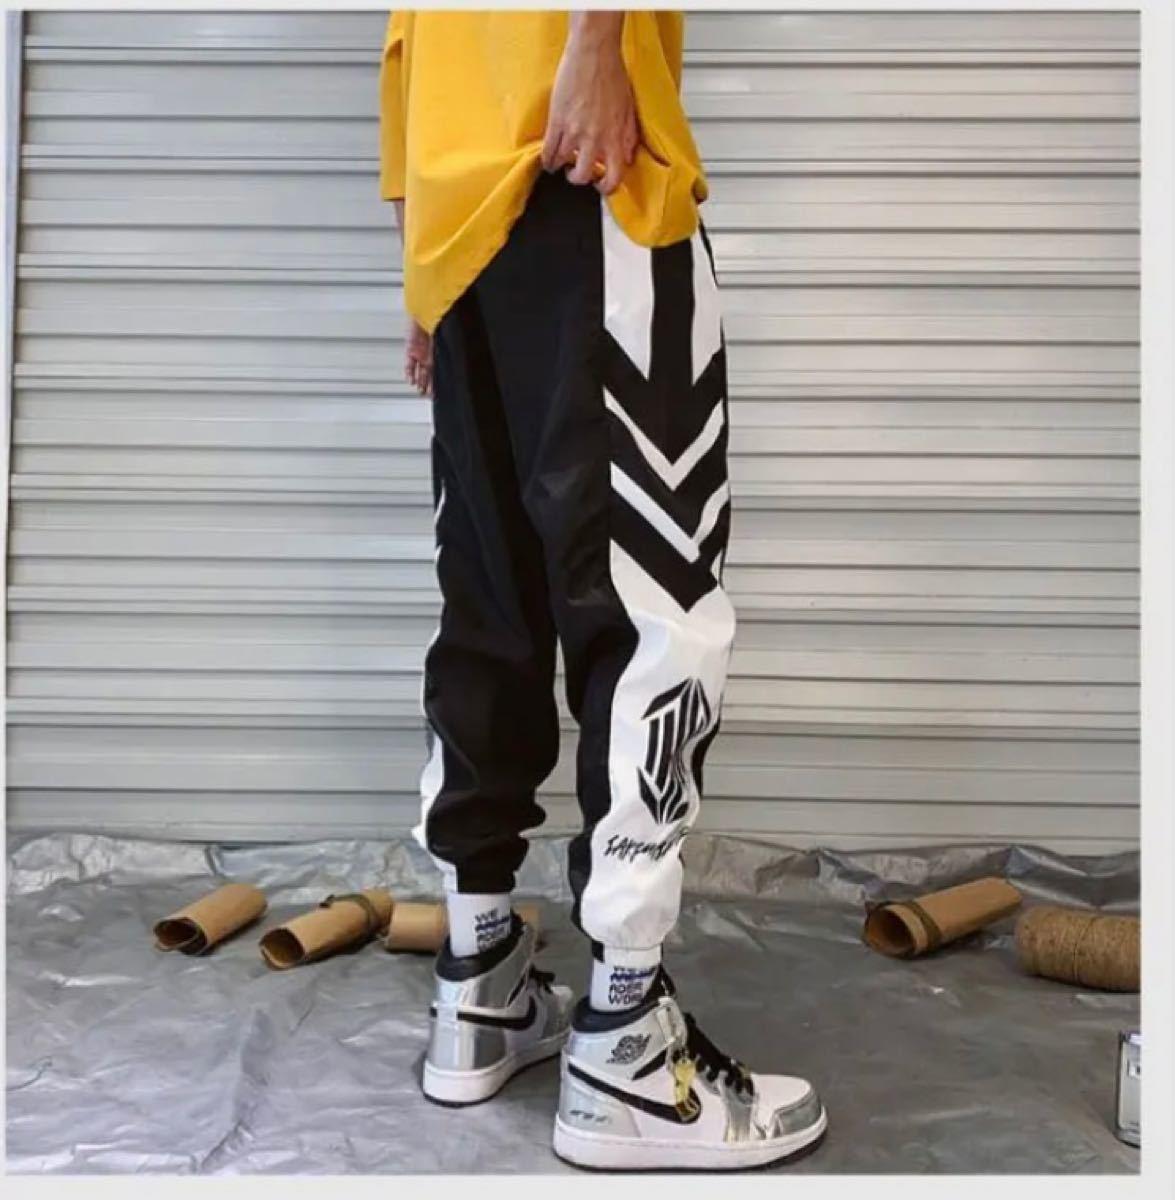 ジョガーパンツ 韓国 メンズ ラインパンツ ストリート ジャージ 黒 XL